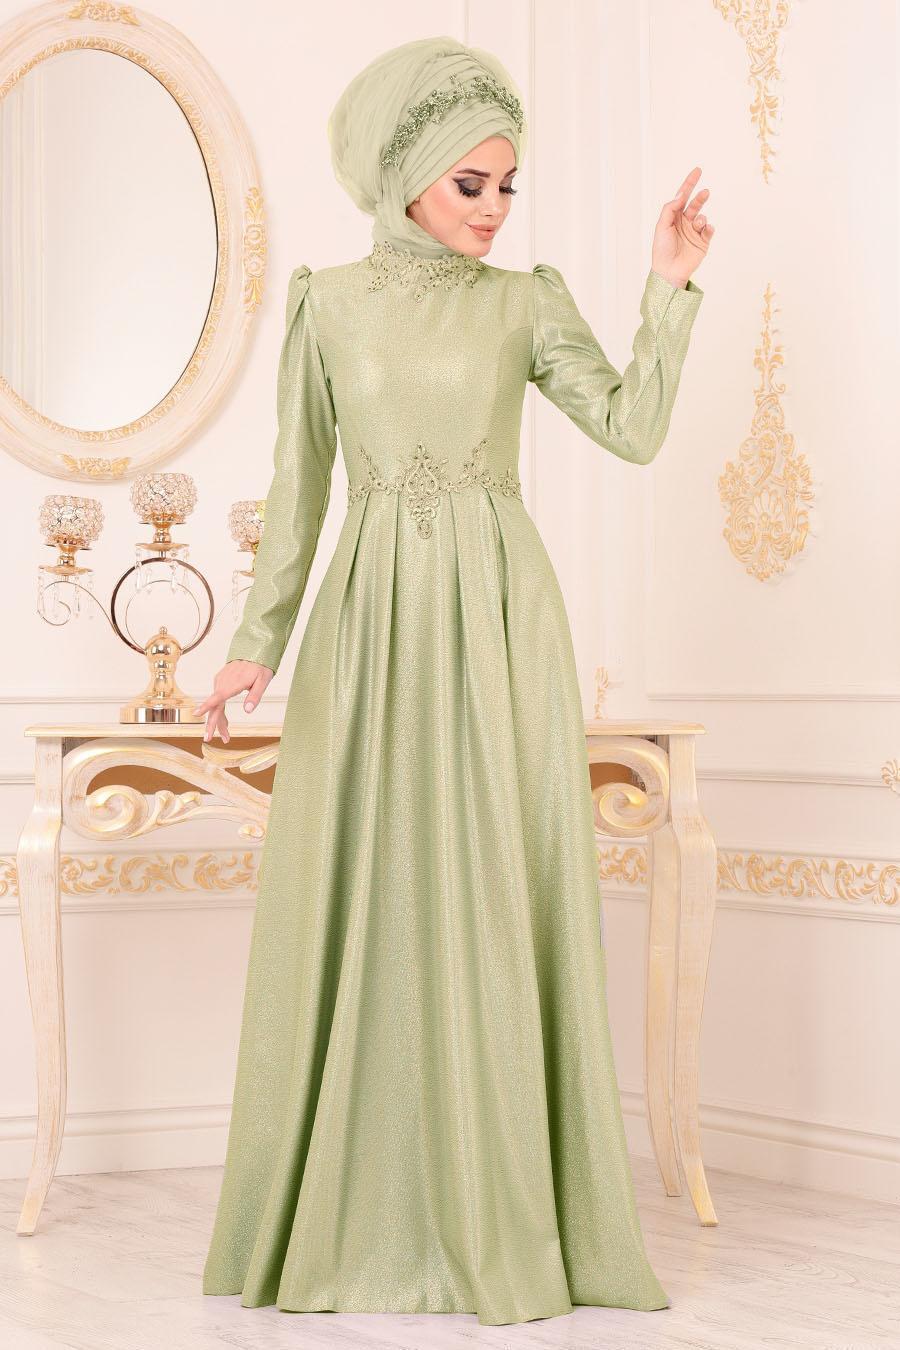 Tesettürlü Abiye Elbise - Karpuz Kol Güpürlü Fıstık Yeşili Tesettür Abiye Elbise 36550FY